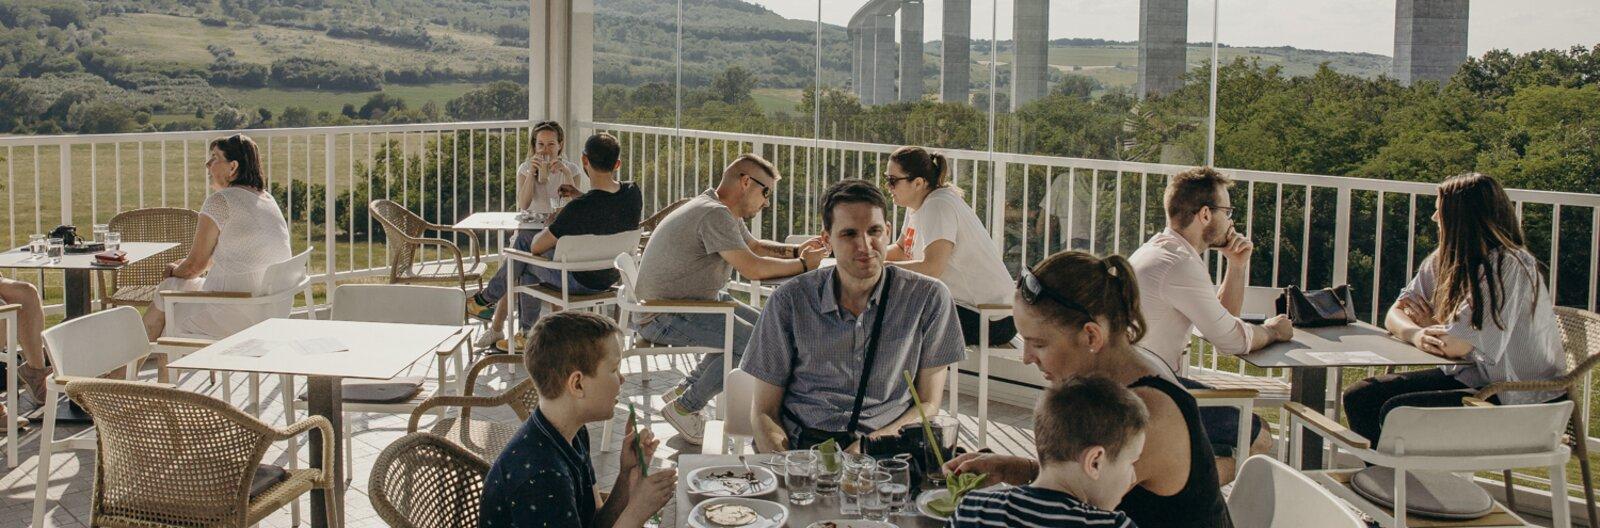 Éttermet kapott a vendégház és az arborétum is – Megújult vendéglátóhelyek a Balatonnál